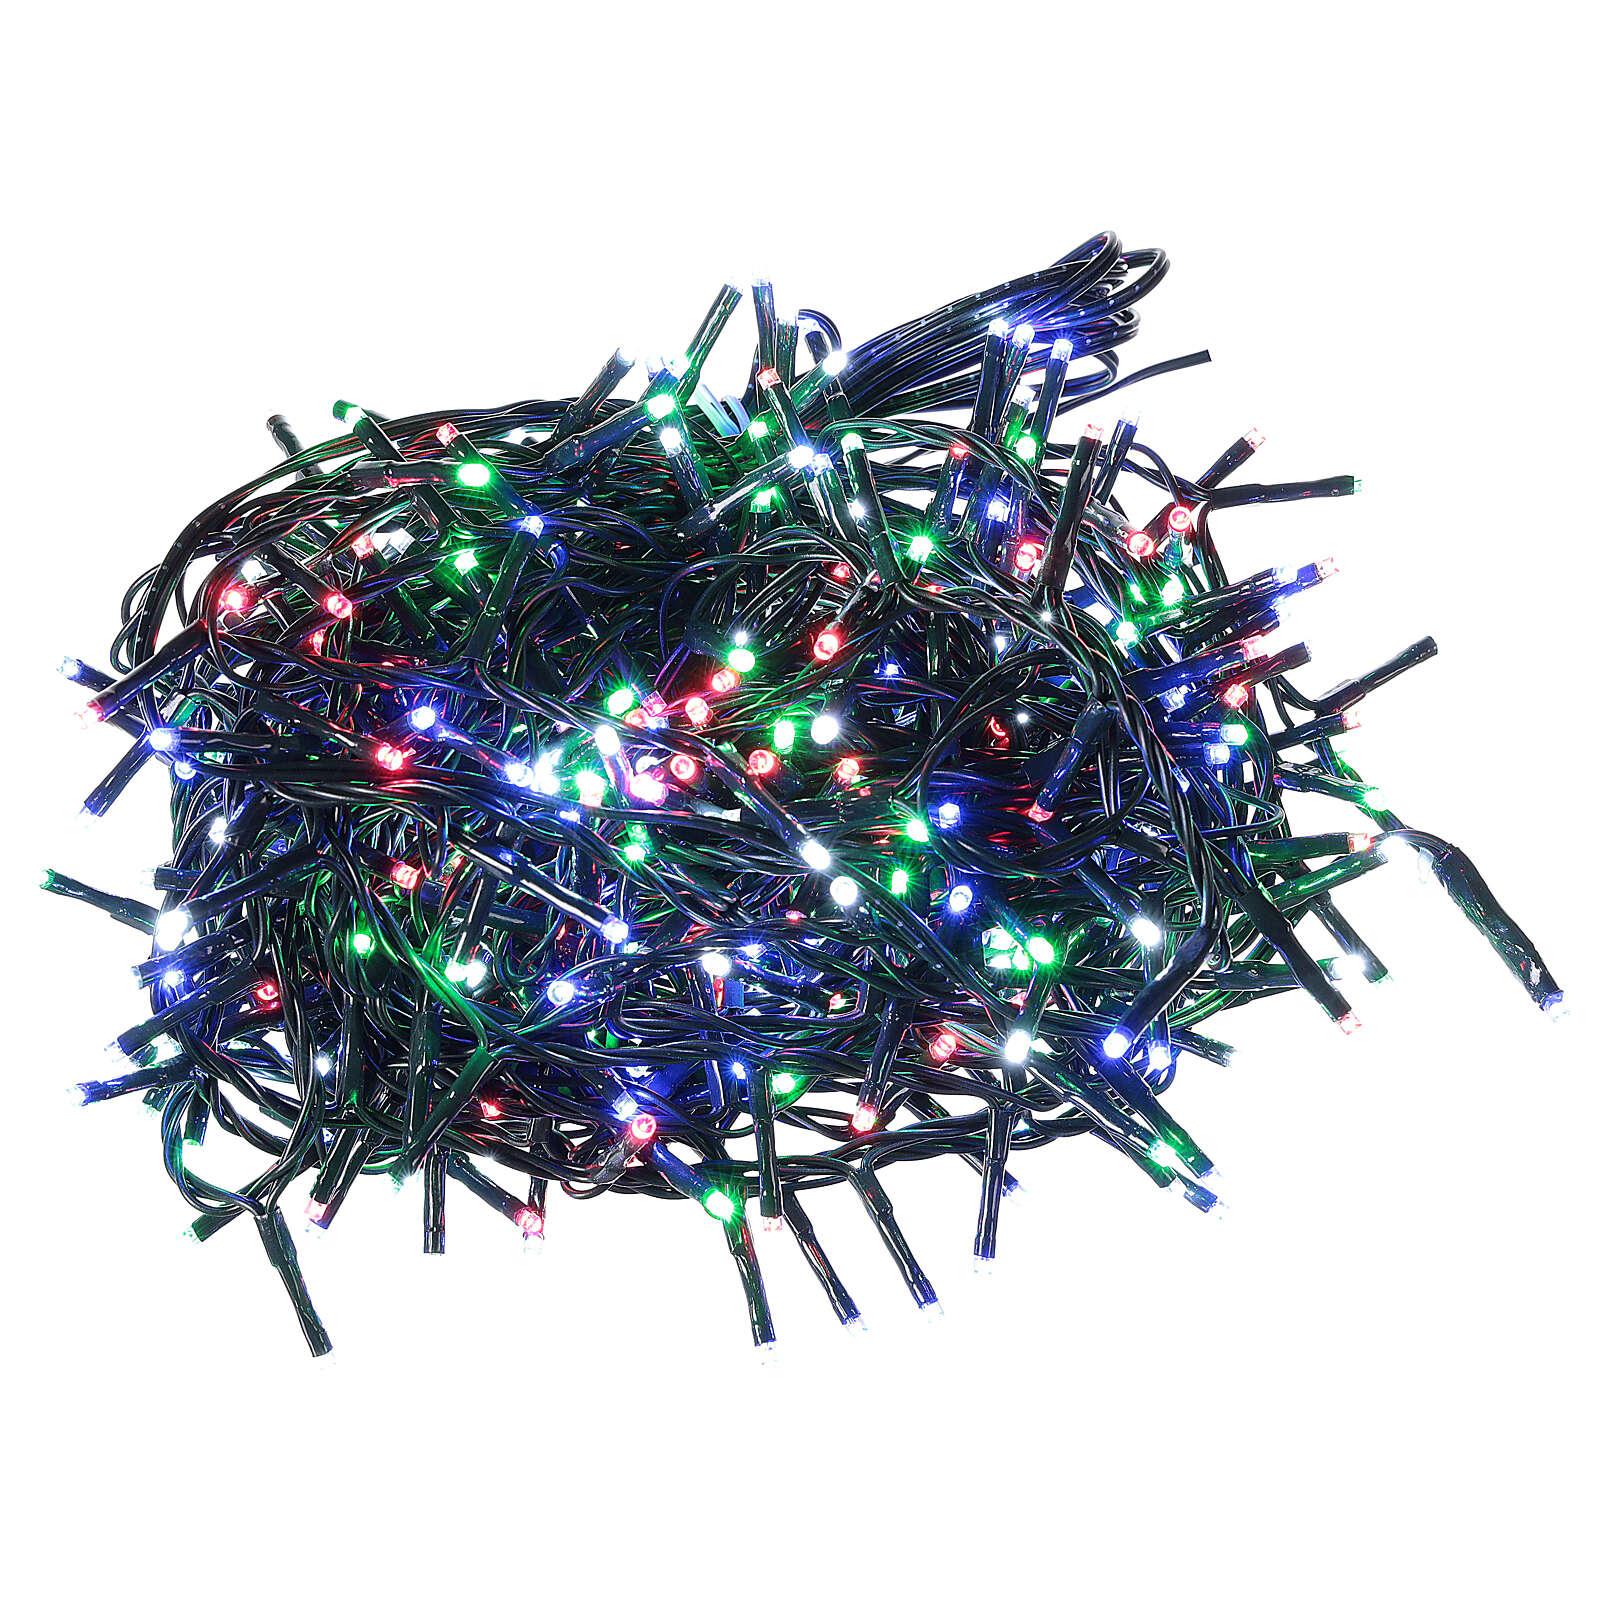 Catena luminosa 500 led multicolor con telecomando remoto esterno 220V 3